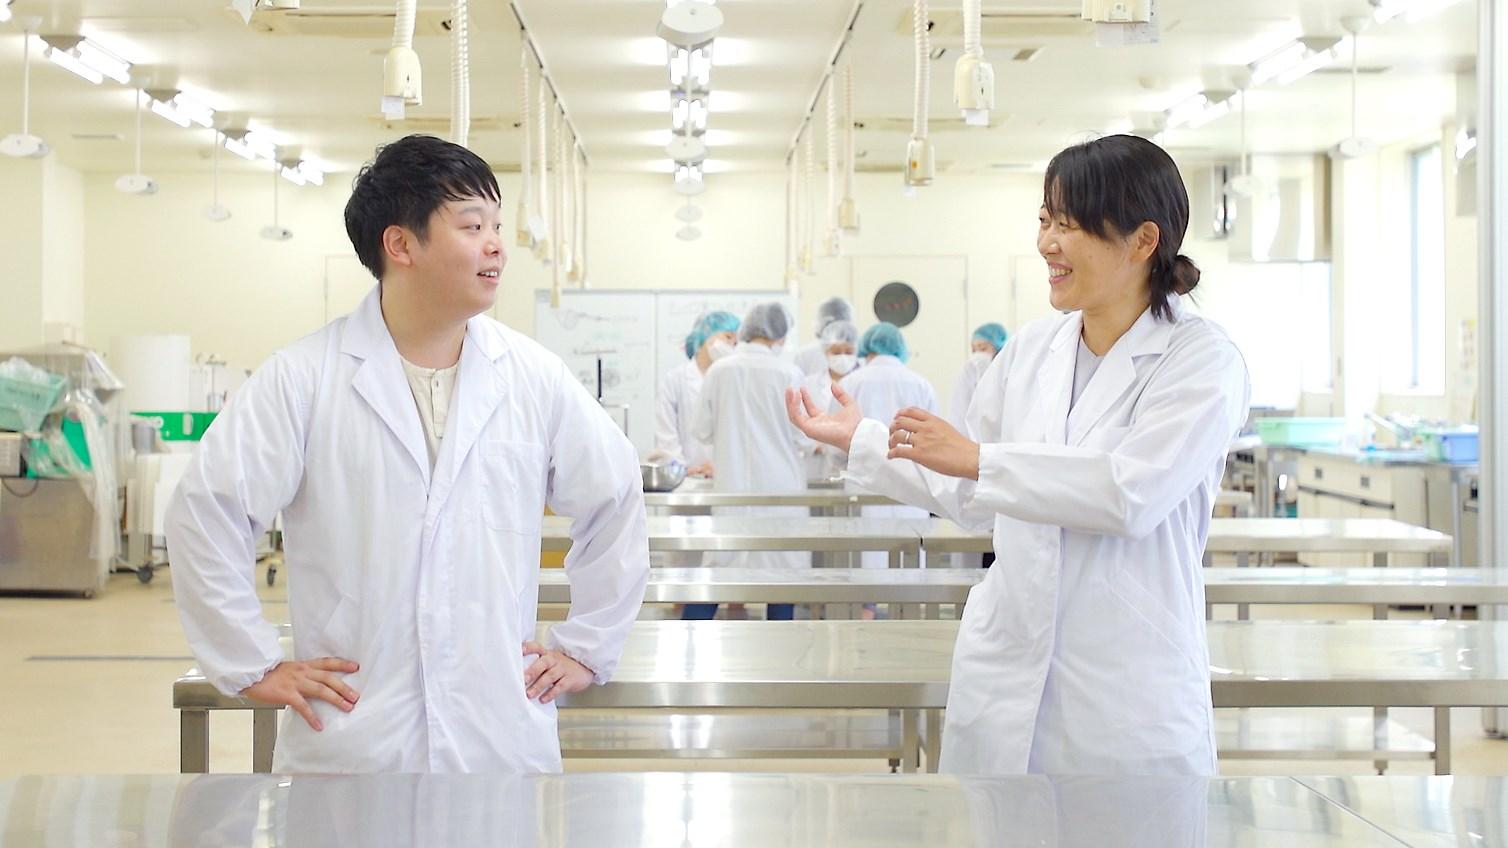 笹かまぼこ・ソーセージの作り方/太白キャンパス食品加工棟について